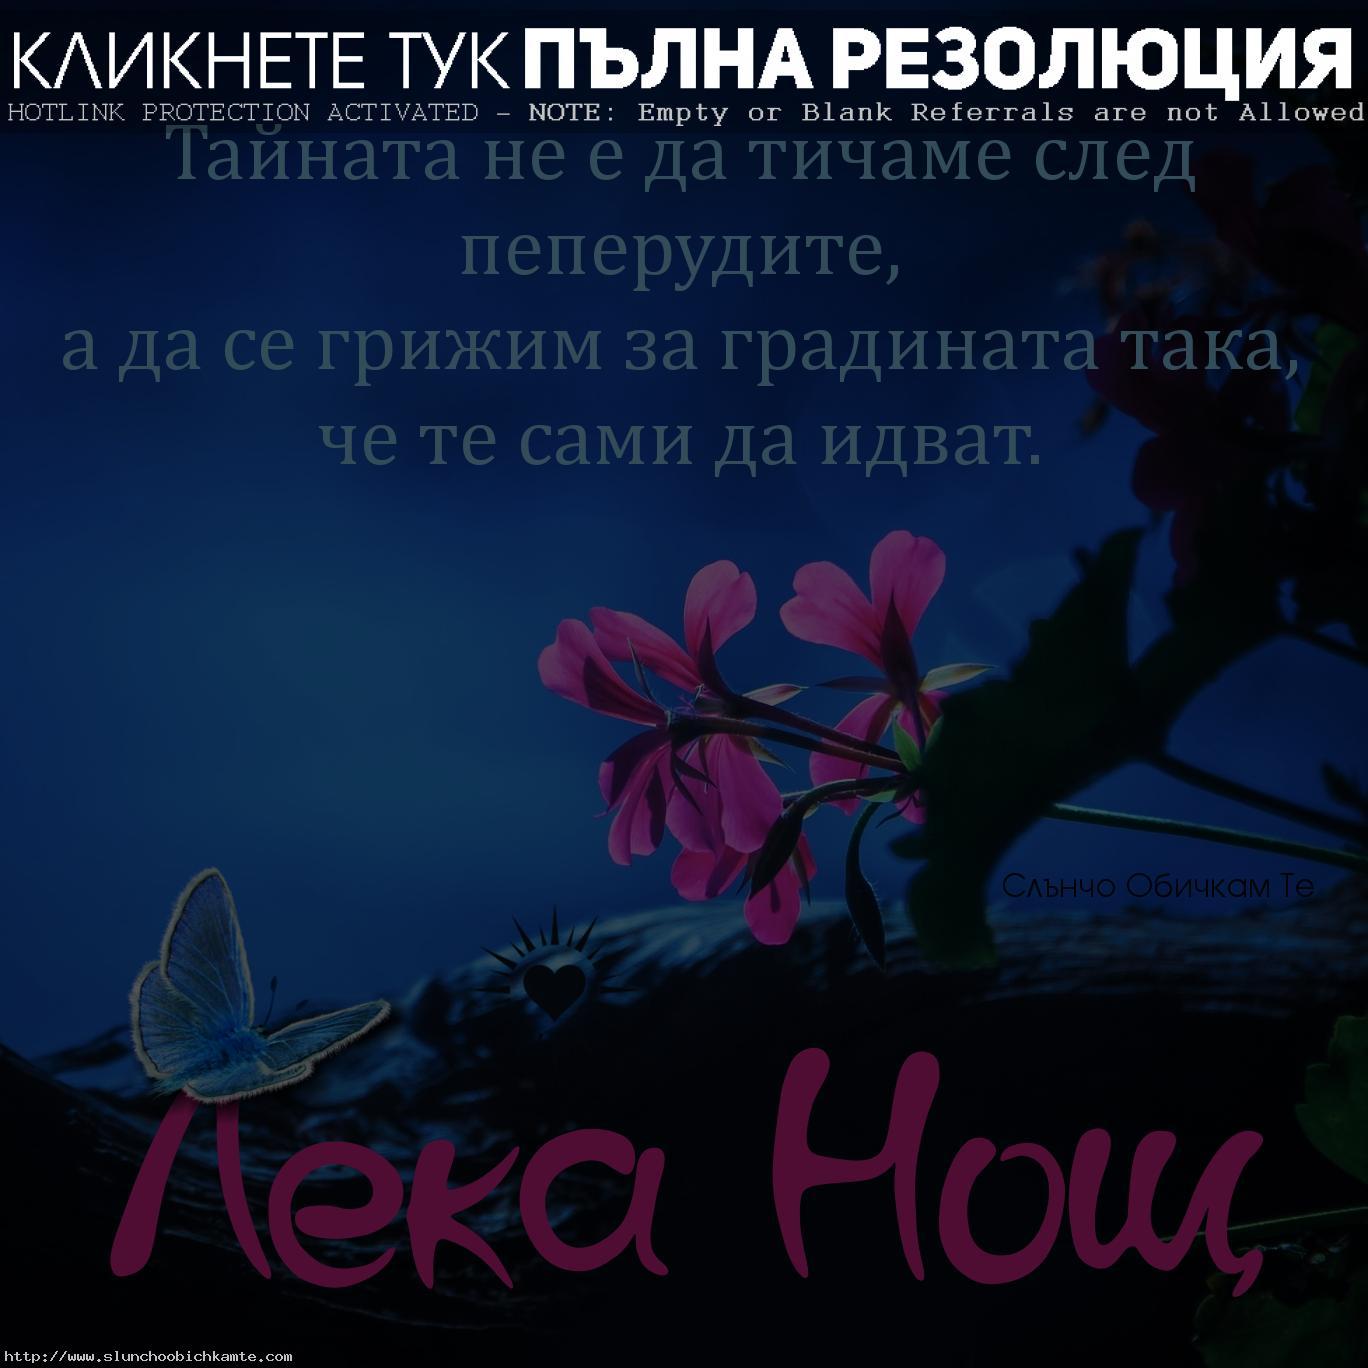 Тайната не е да тичаме след пеперудите, а да се грижим за градината така, че те сами да идват. Лека нощ! - Картички с пожелания, цитати и мъдри мисли за лека нощ, сладки сънища, спокойна нощ с цветя и пеперуда